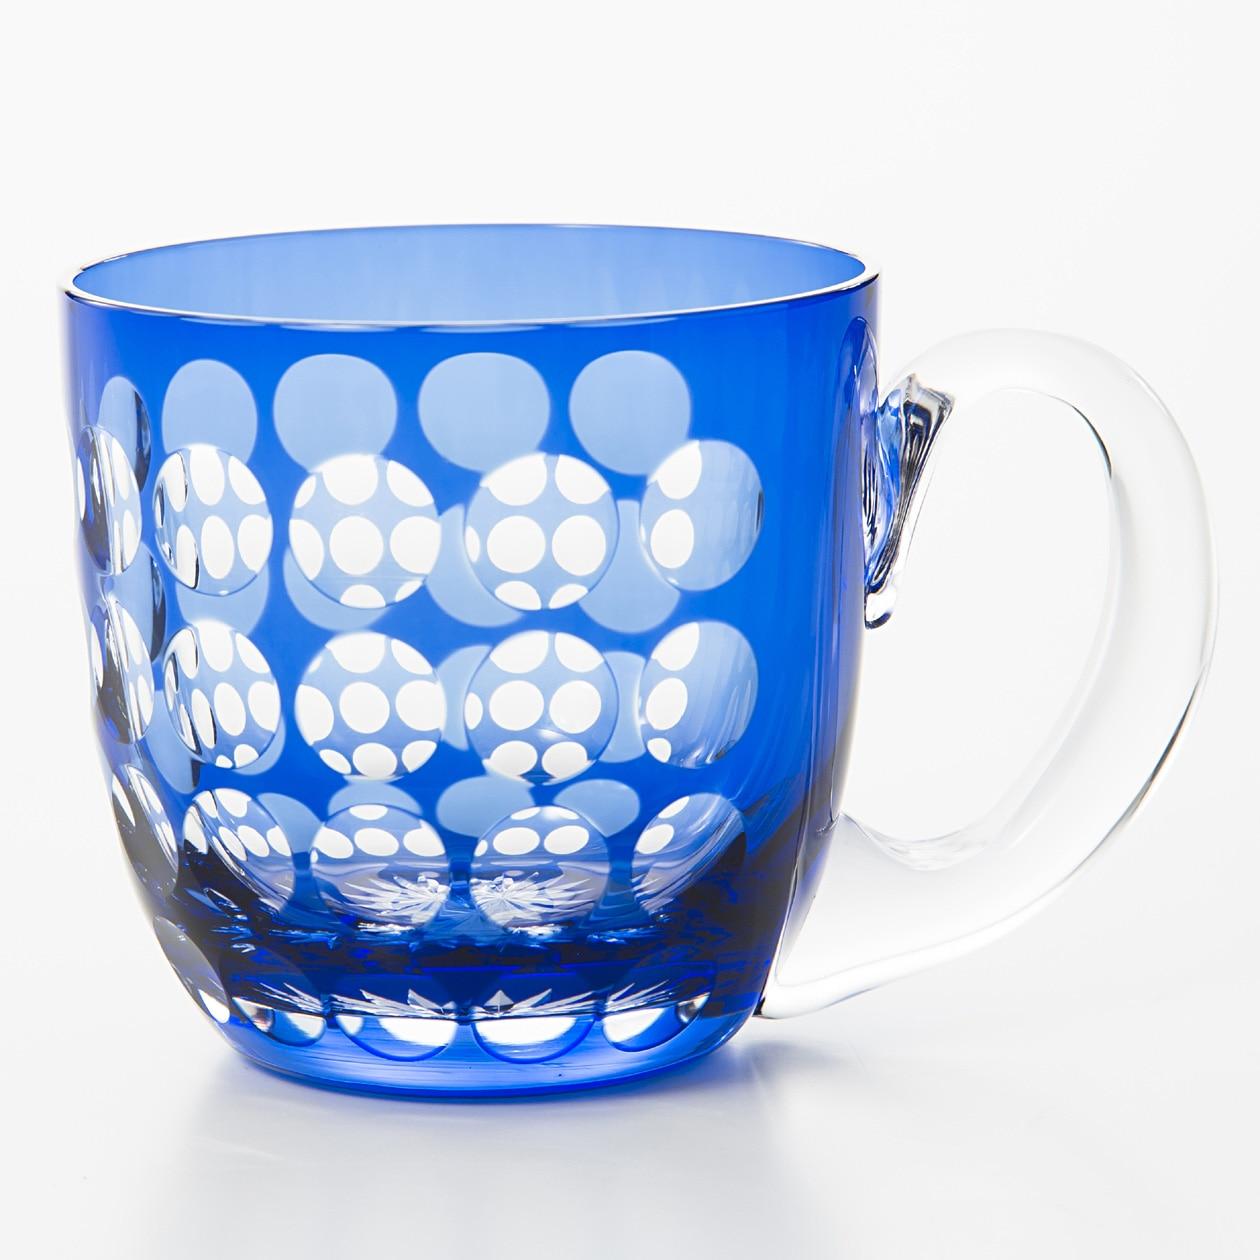 江戸切子の硝子カップ